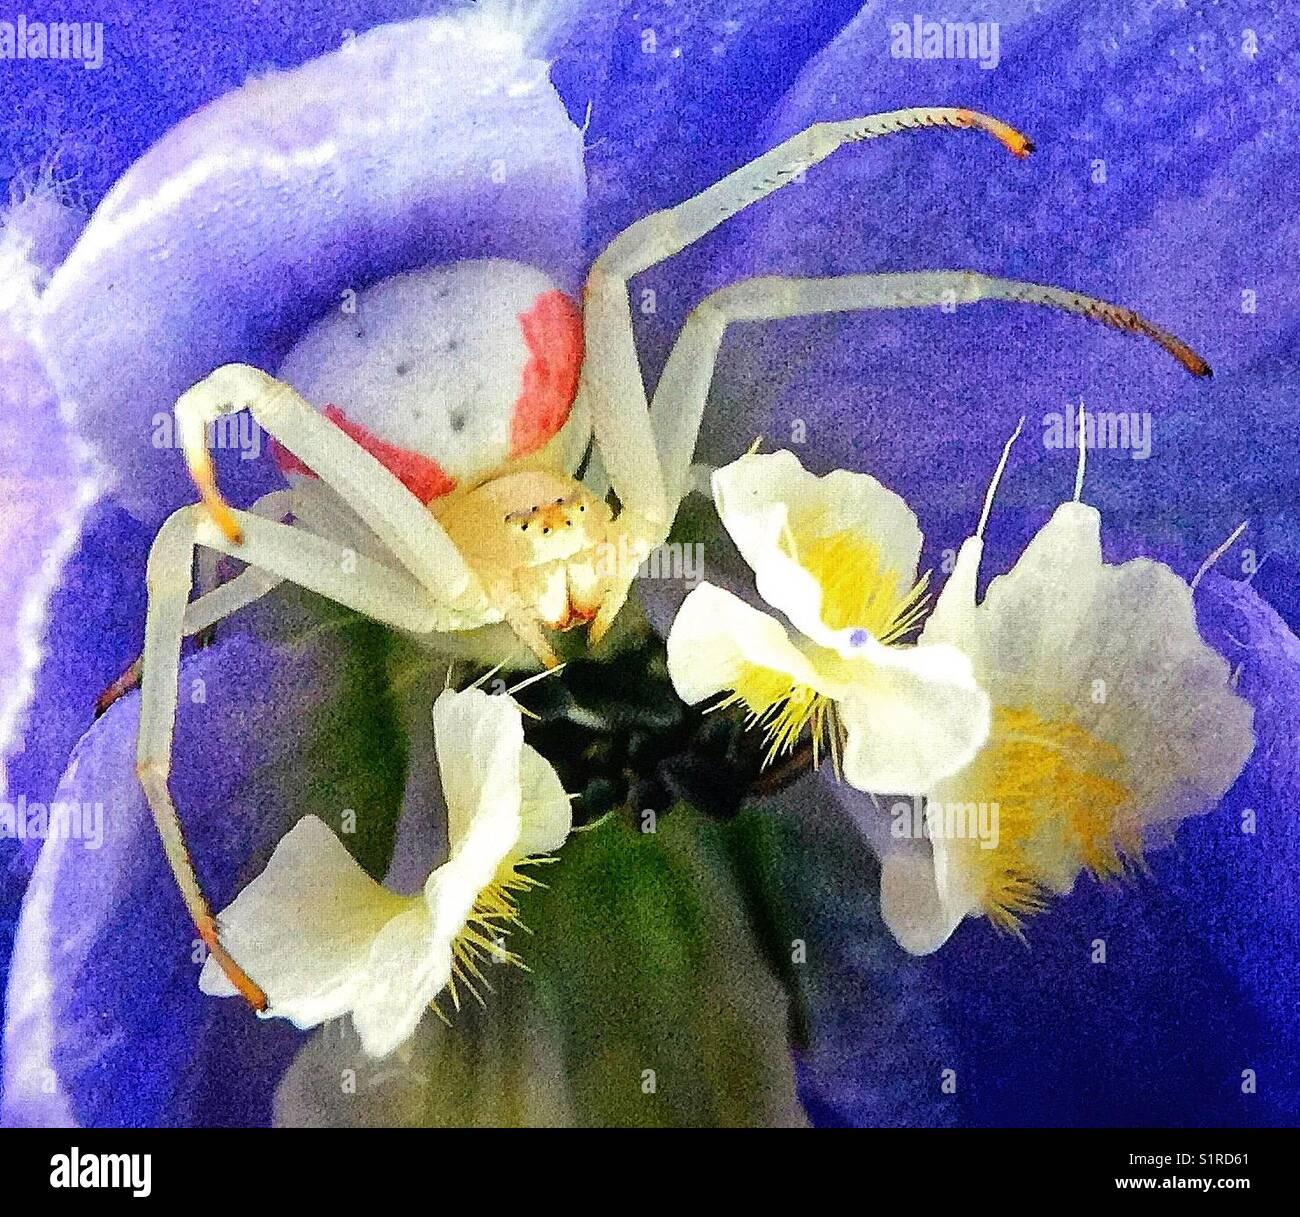 Cram spider on a delphinium - Stock Image